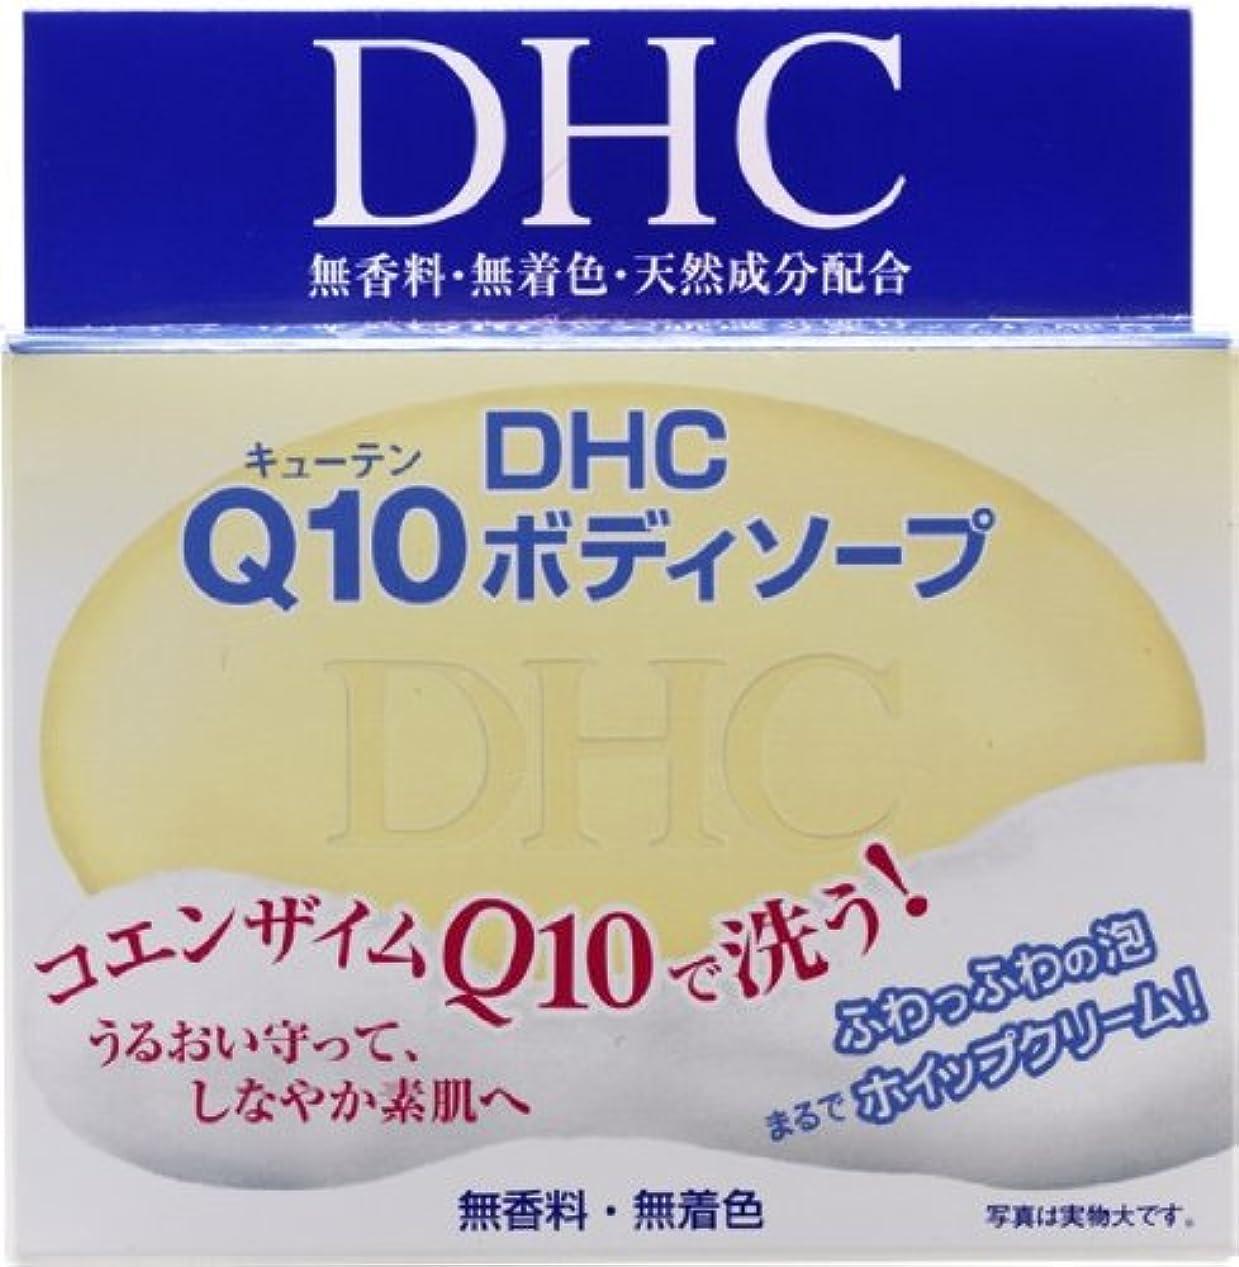 靴キッチン不利益DHC Q10ボディソープ 120G